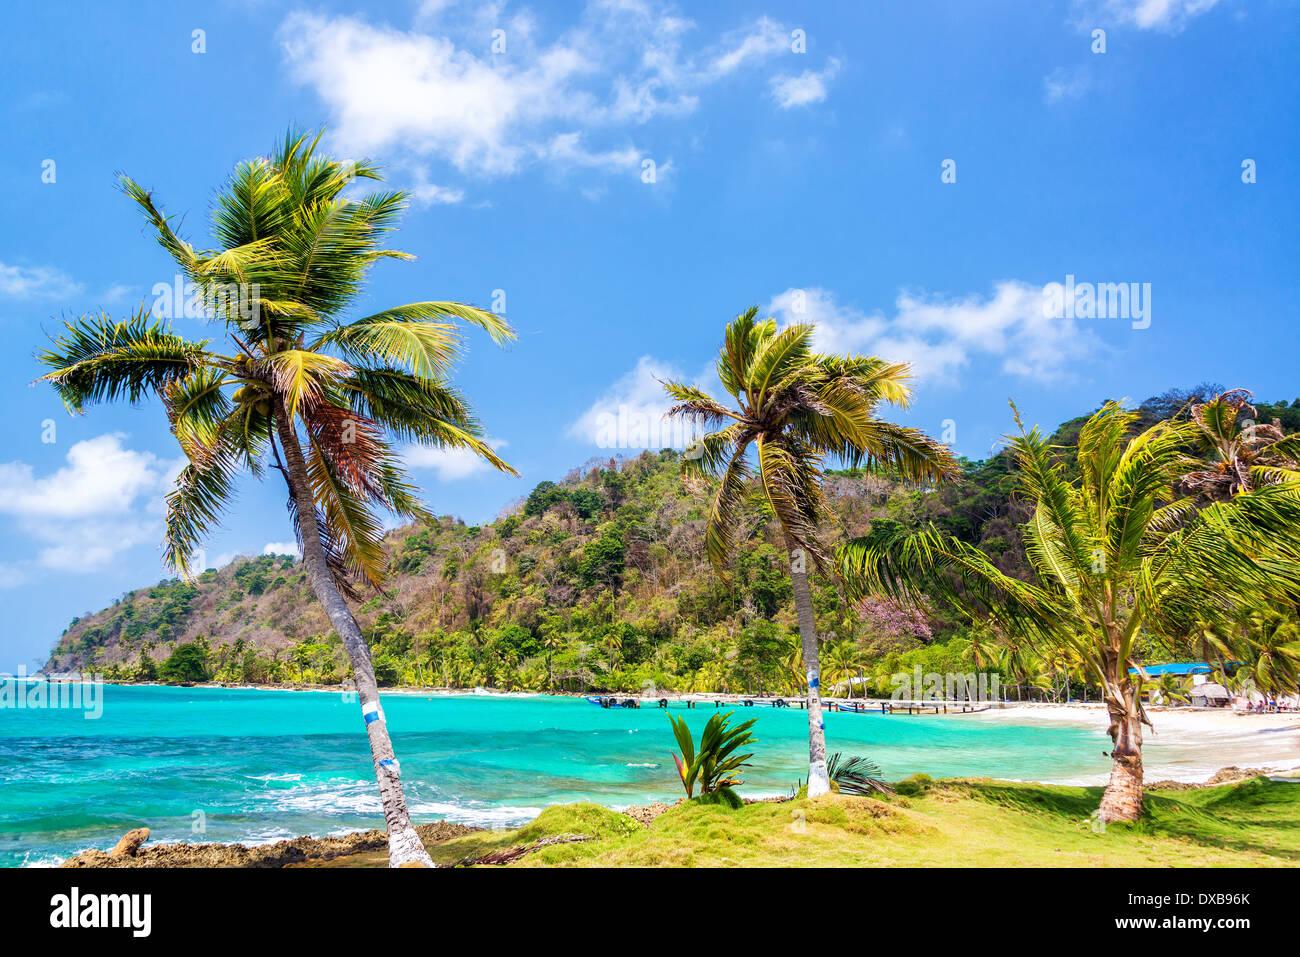 Tres palmeras alineadas junto a las aguas turquesas del Mar Caribe en la Miel, Panamá Foto de stock